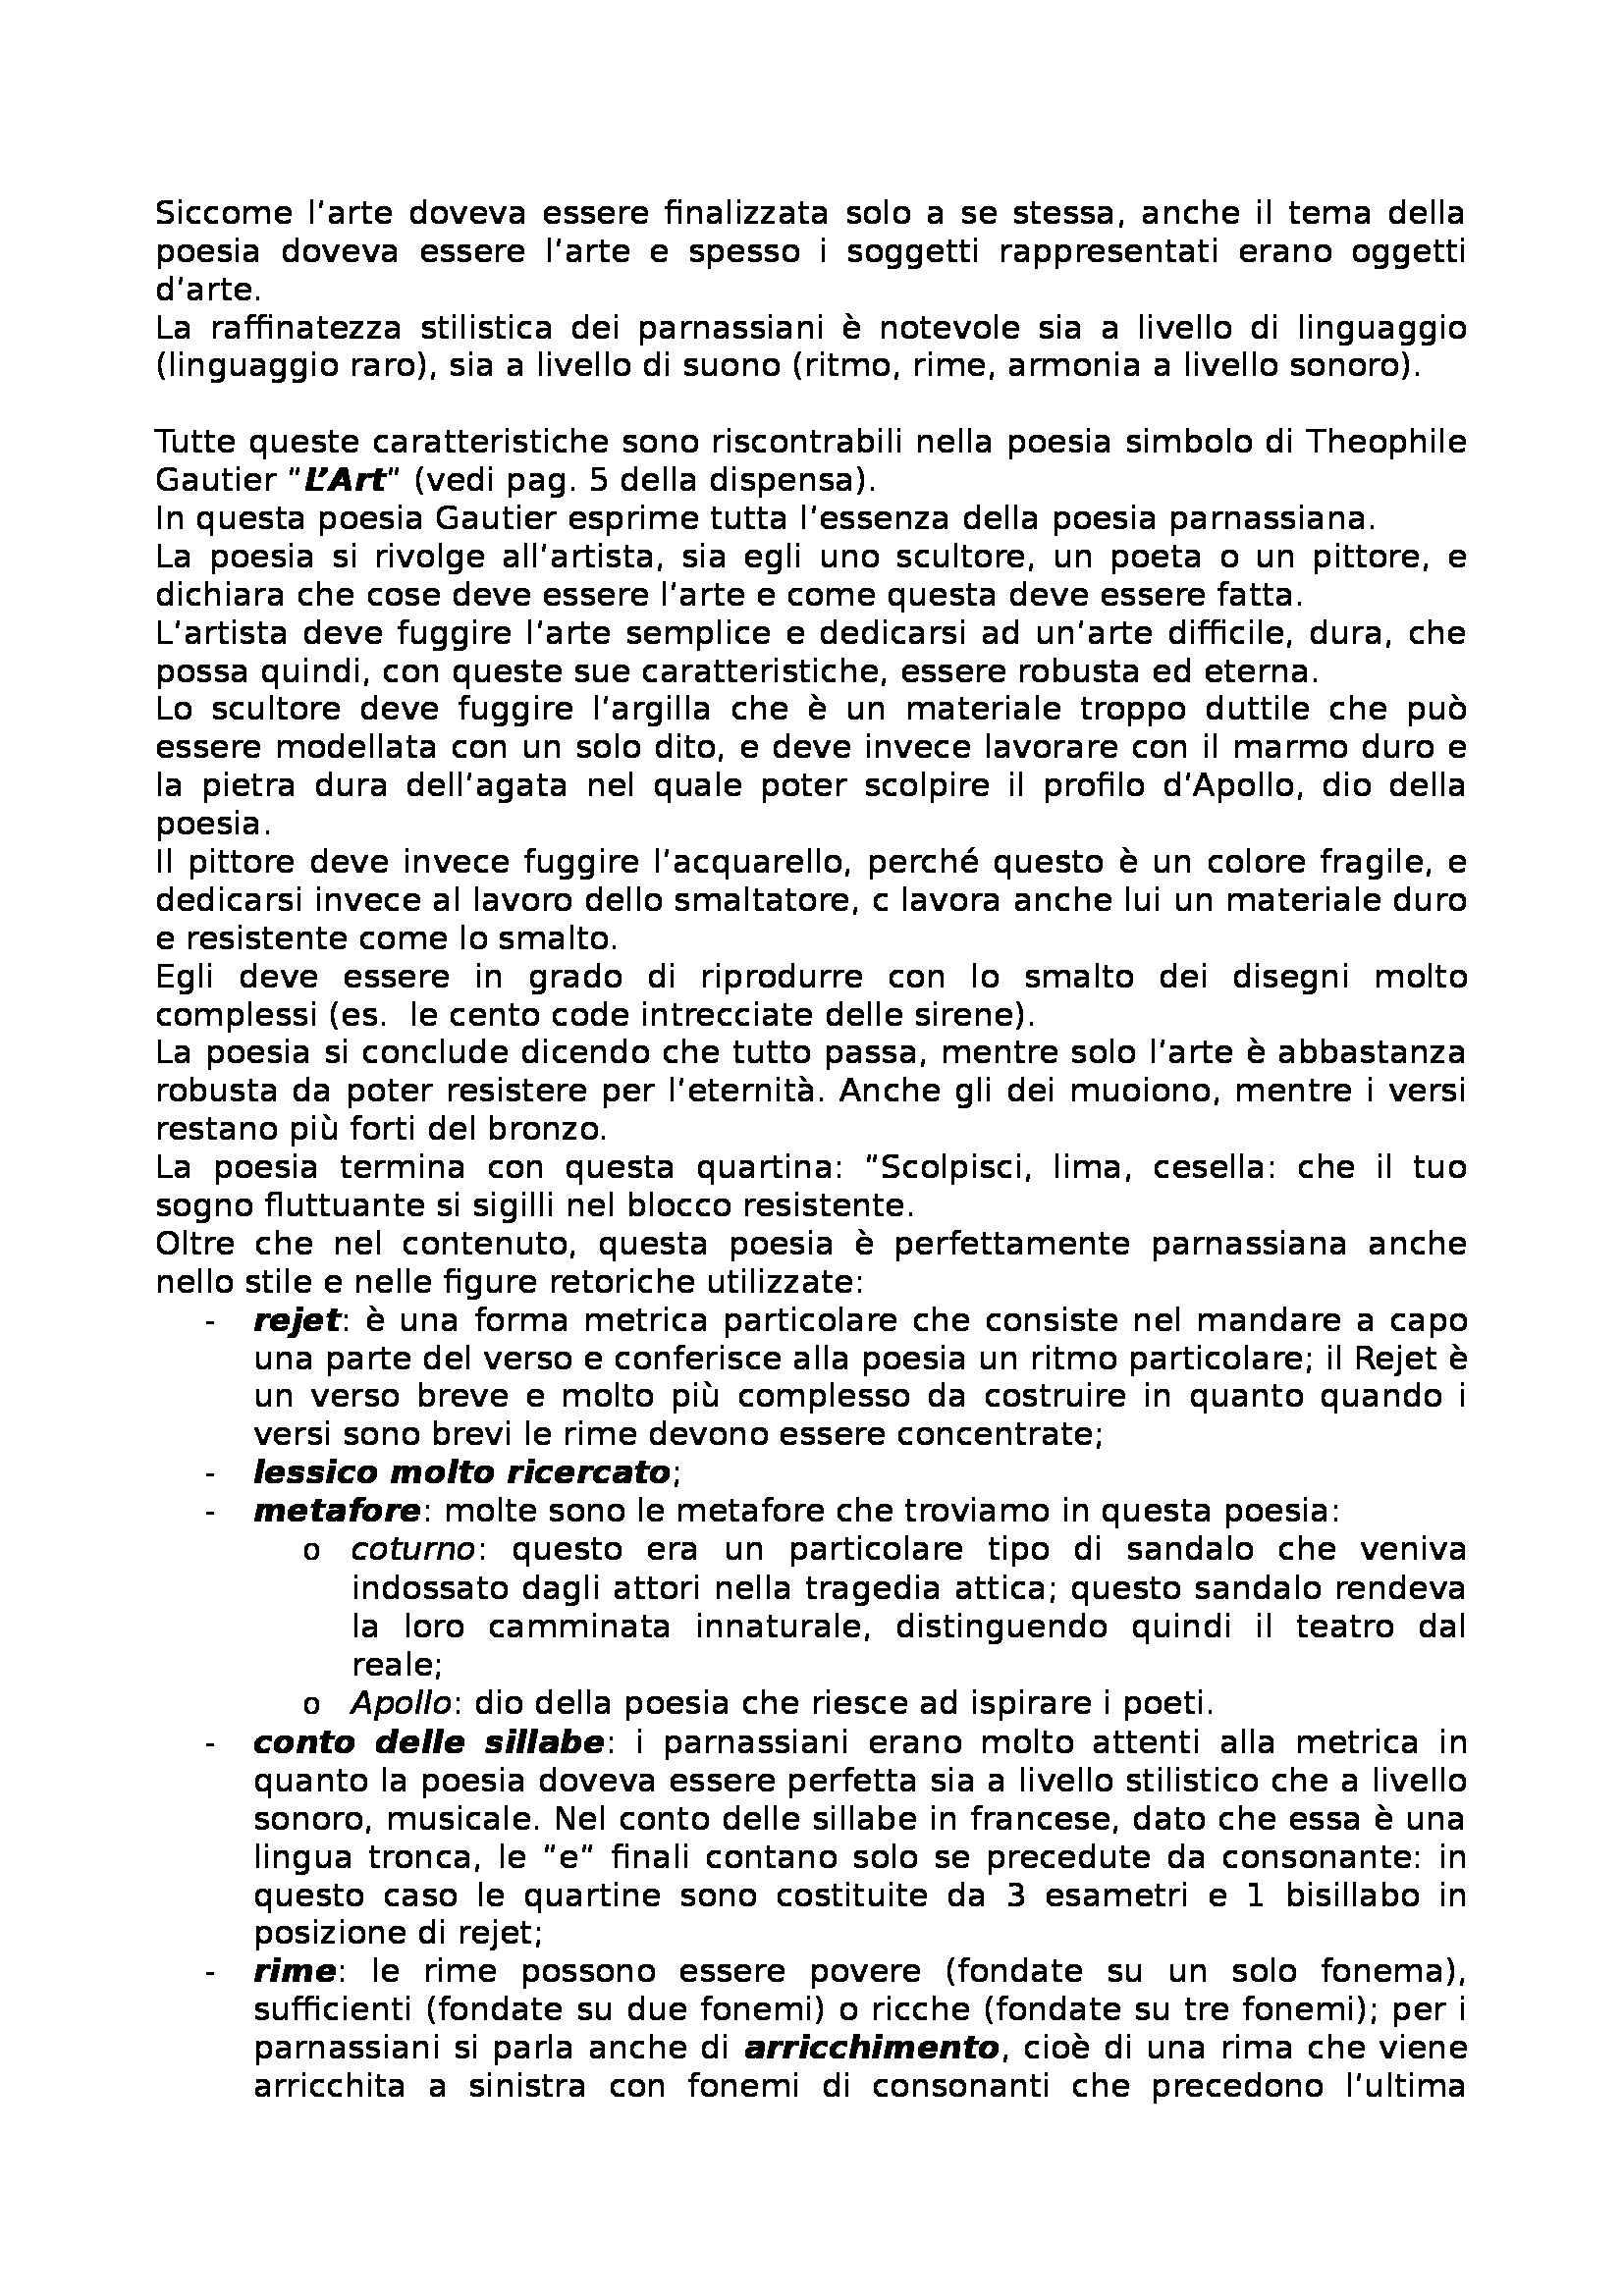 Letteratura francese - Les Fleurs du Mal, Baudelaire Pag. 6